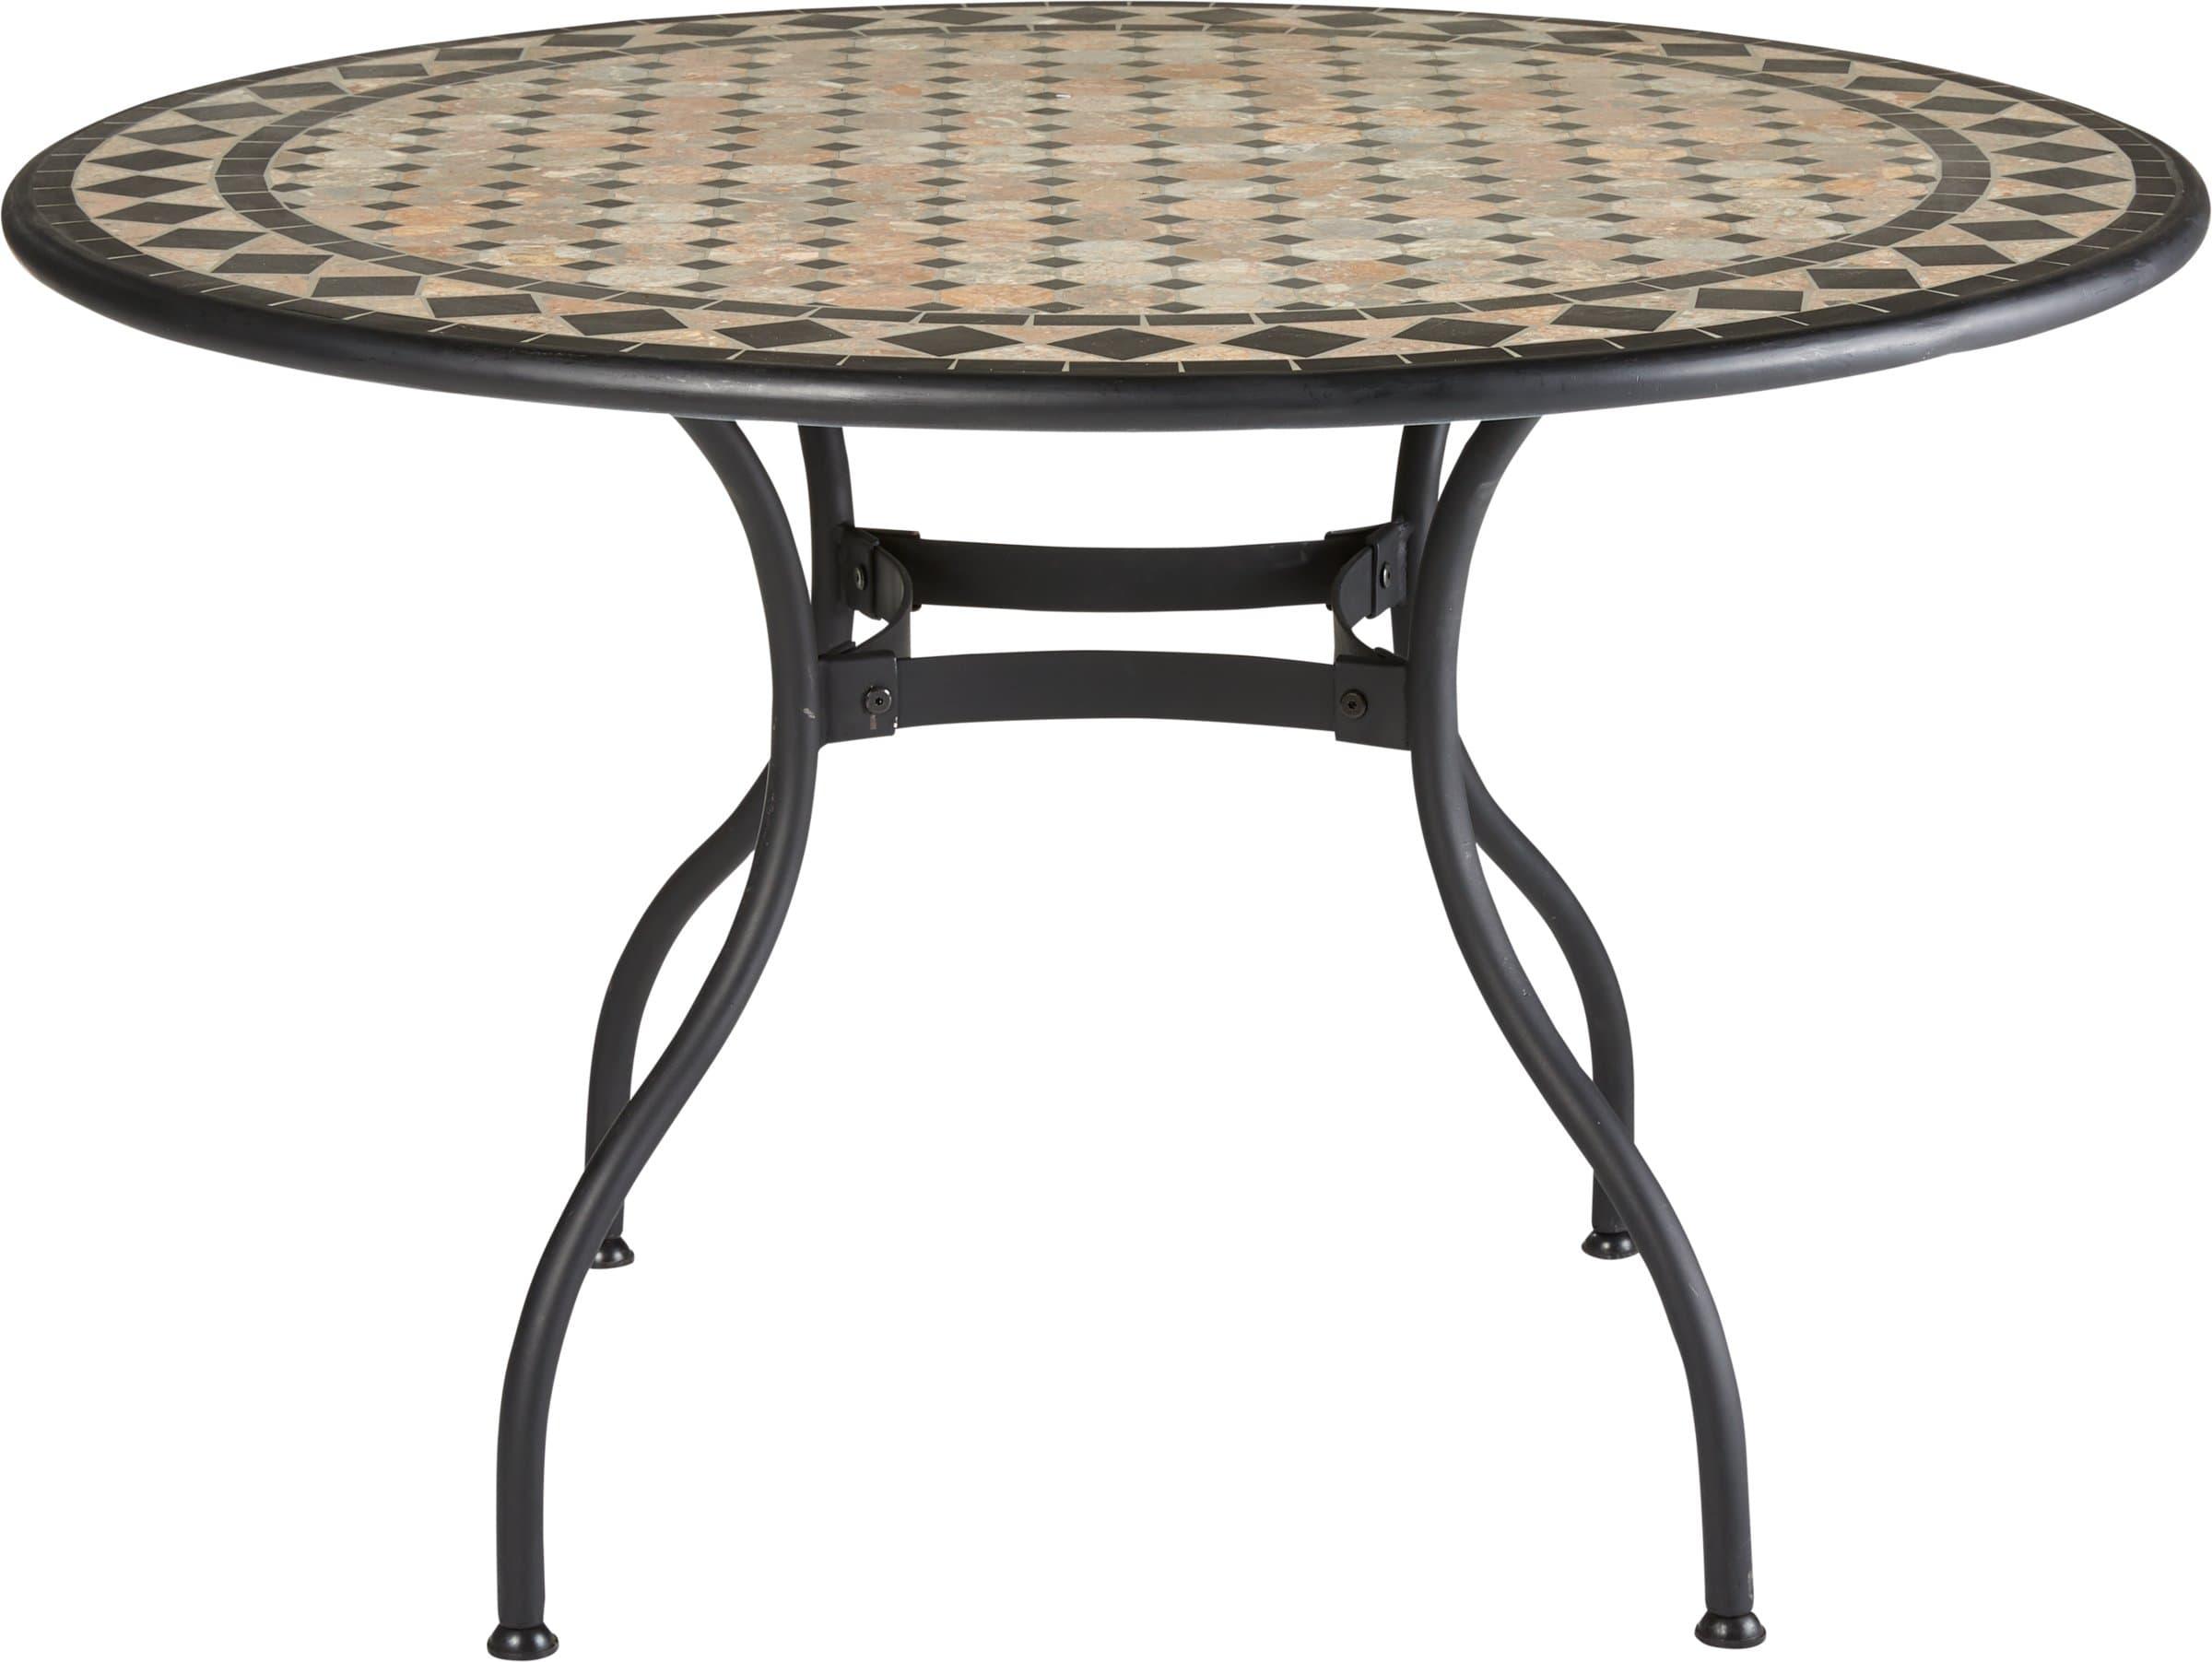 Table en mosaïque RONDA, Ø 120 cm